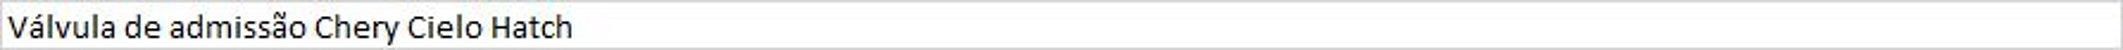 Válvula de admissão Chery Cielo Hatch - Imagem 1